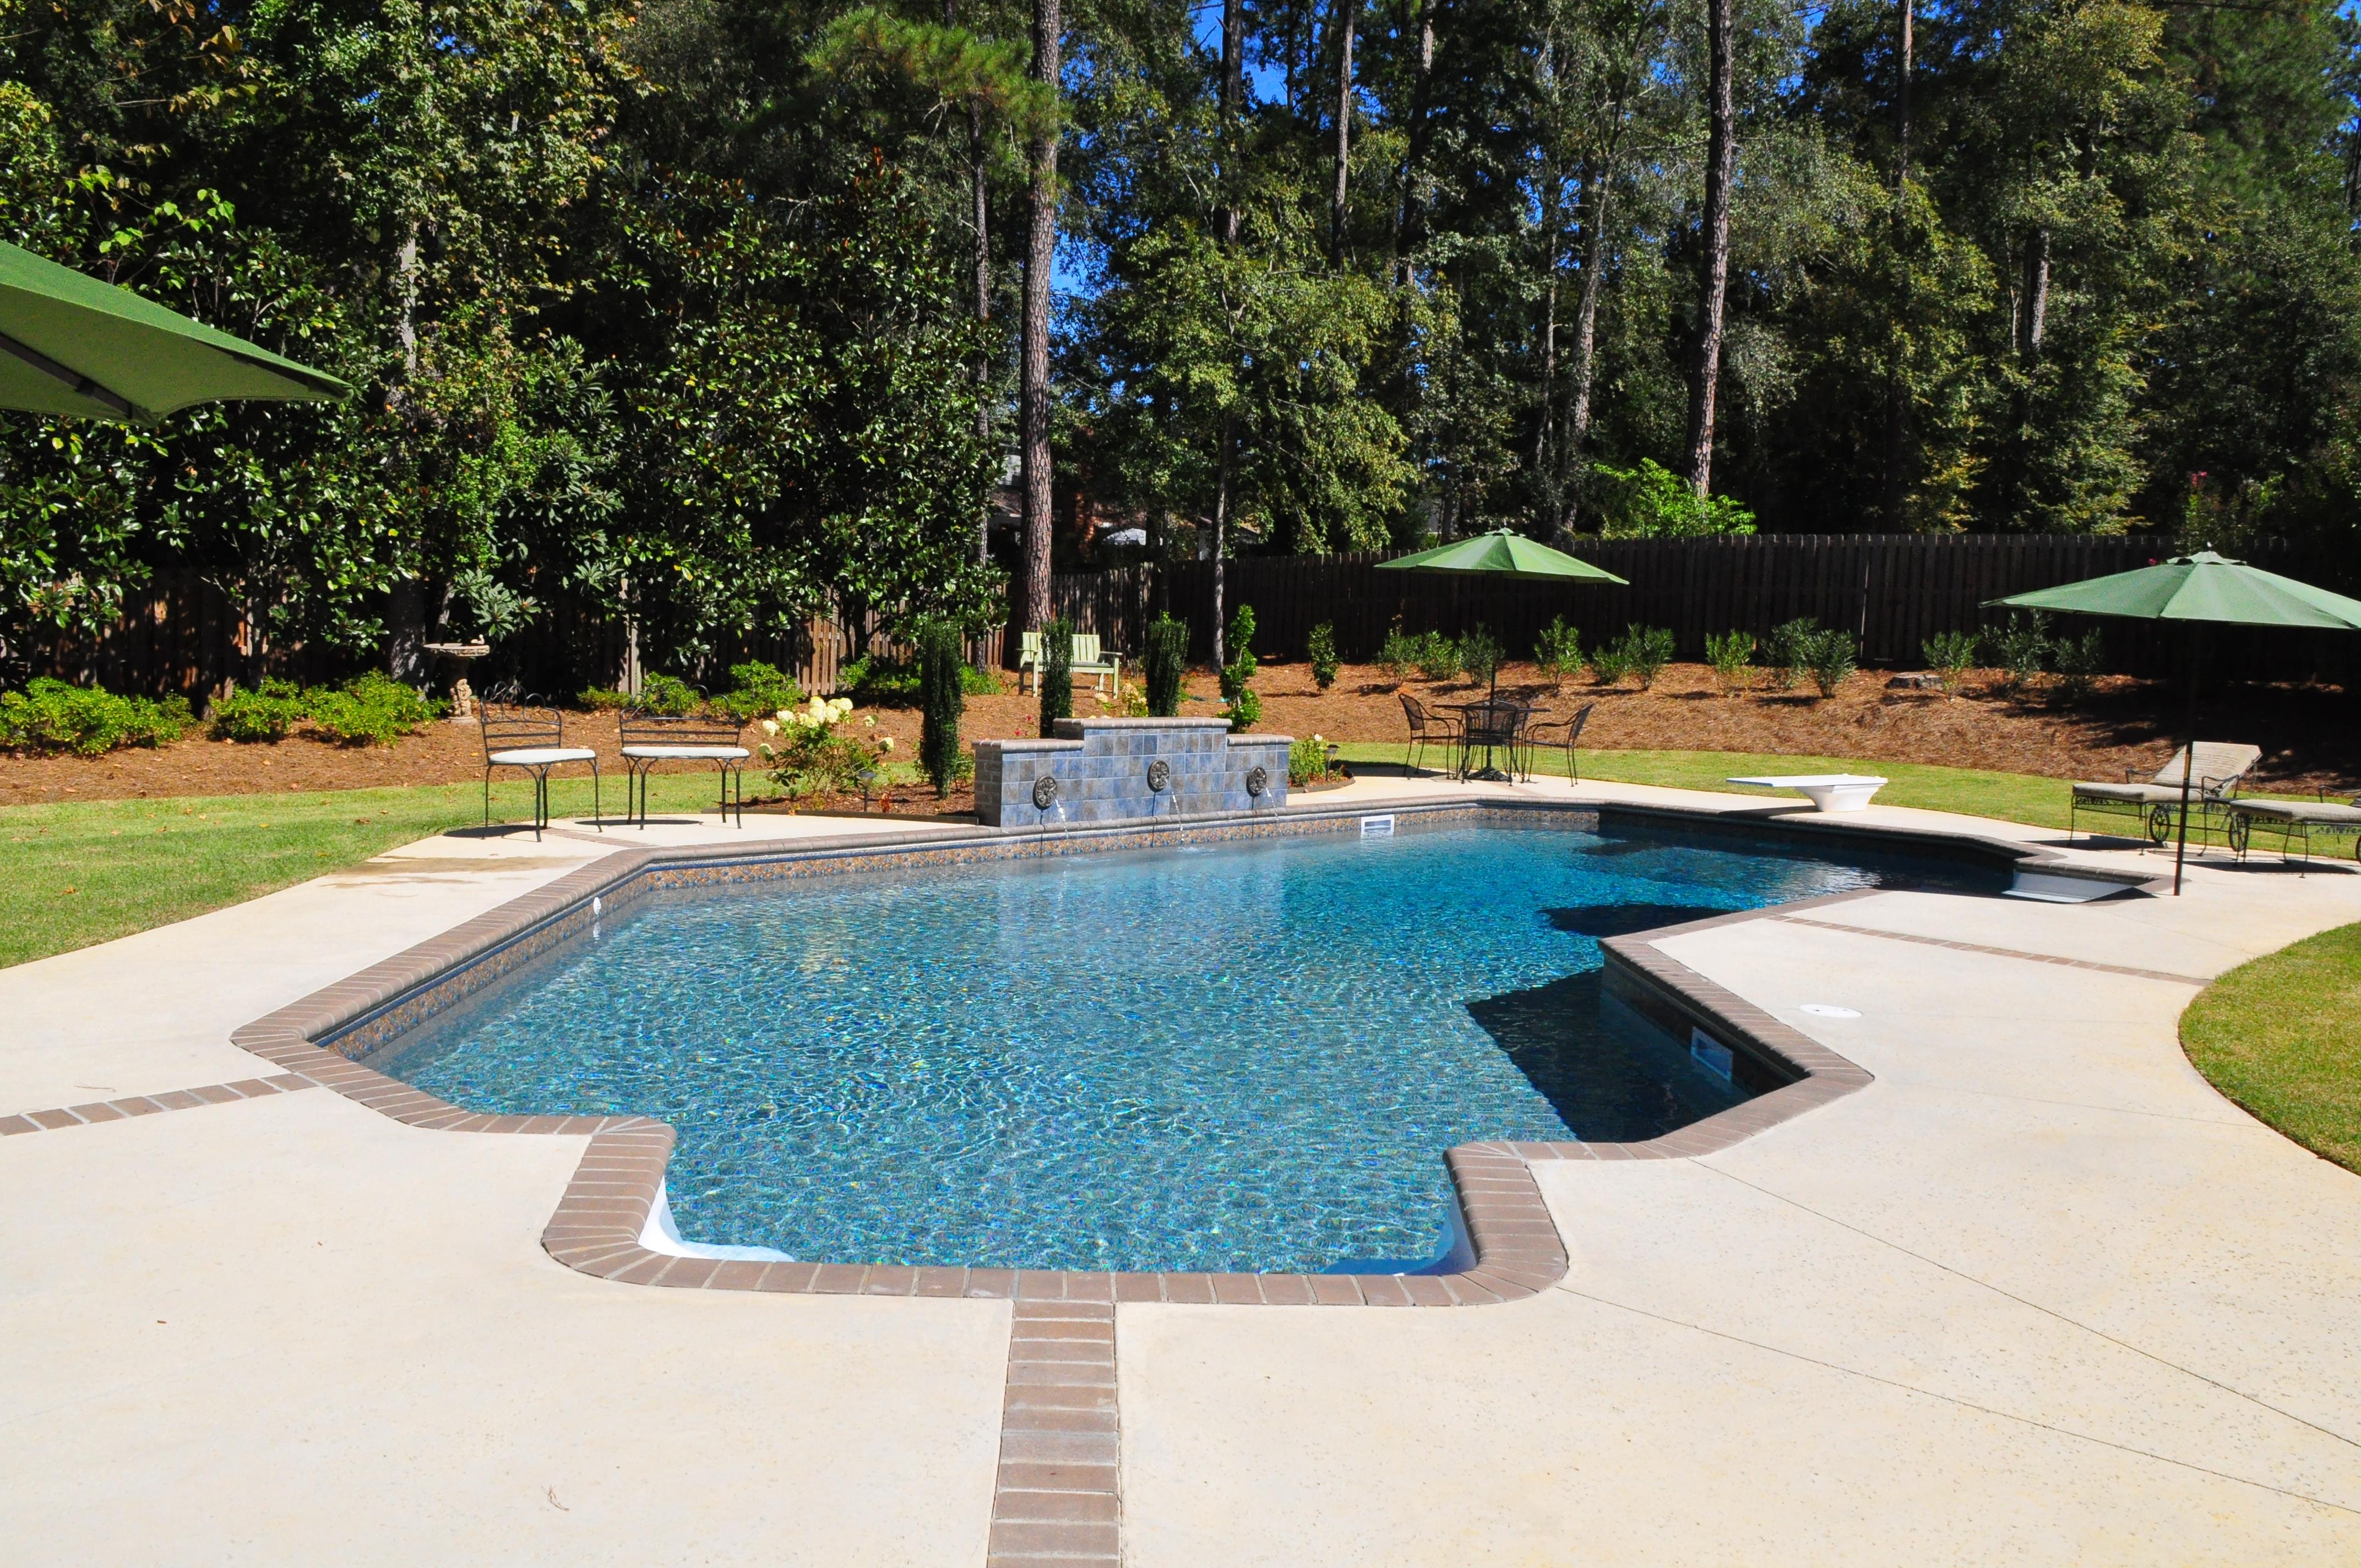 Swimming Pool Expansion : Inground pools photos evans aiken pool design